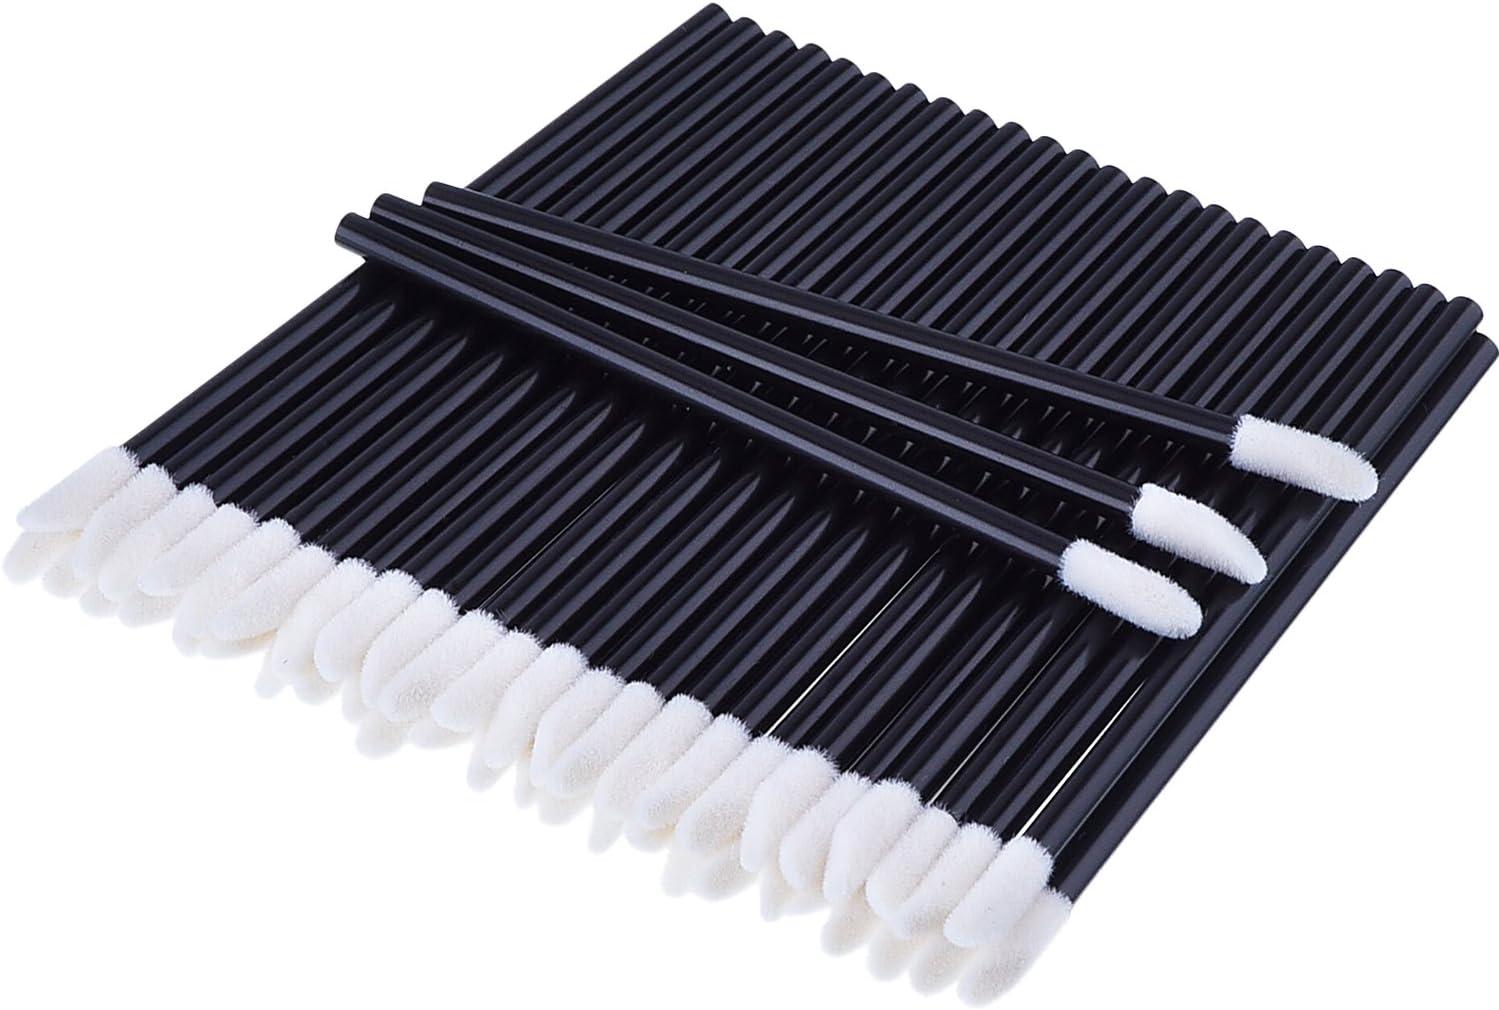 100 Piezas Desechable Varitas de Brillo Pincel de Labios del Aplicador Kits de Maquillaje, Negro